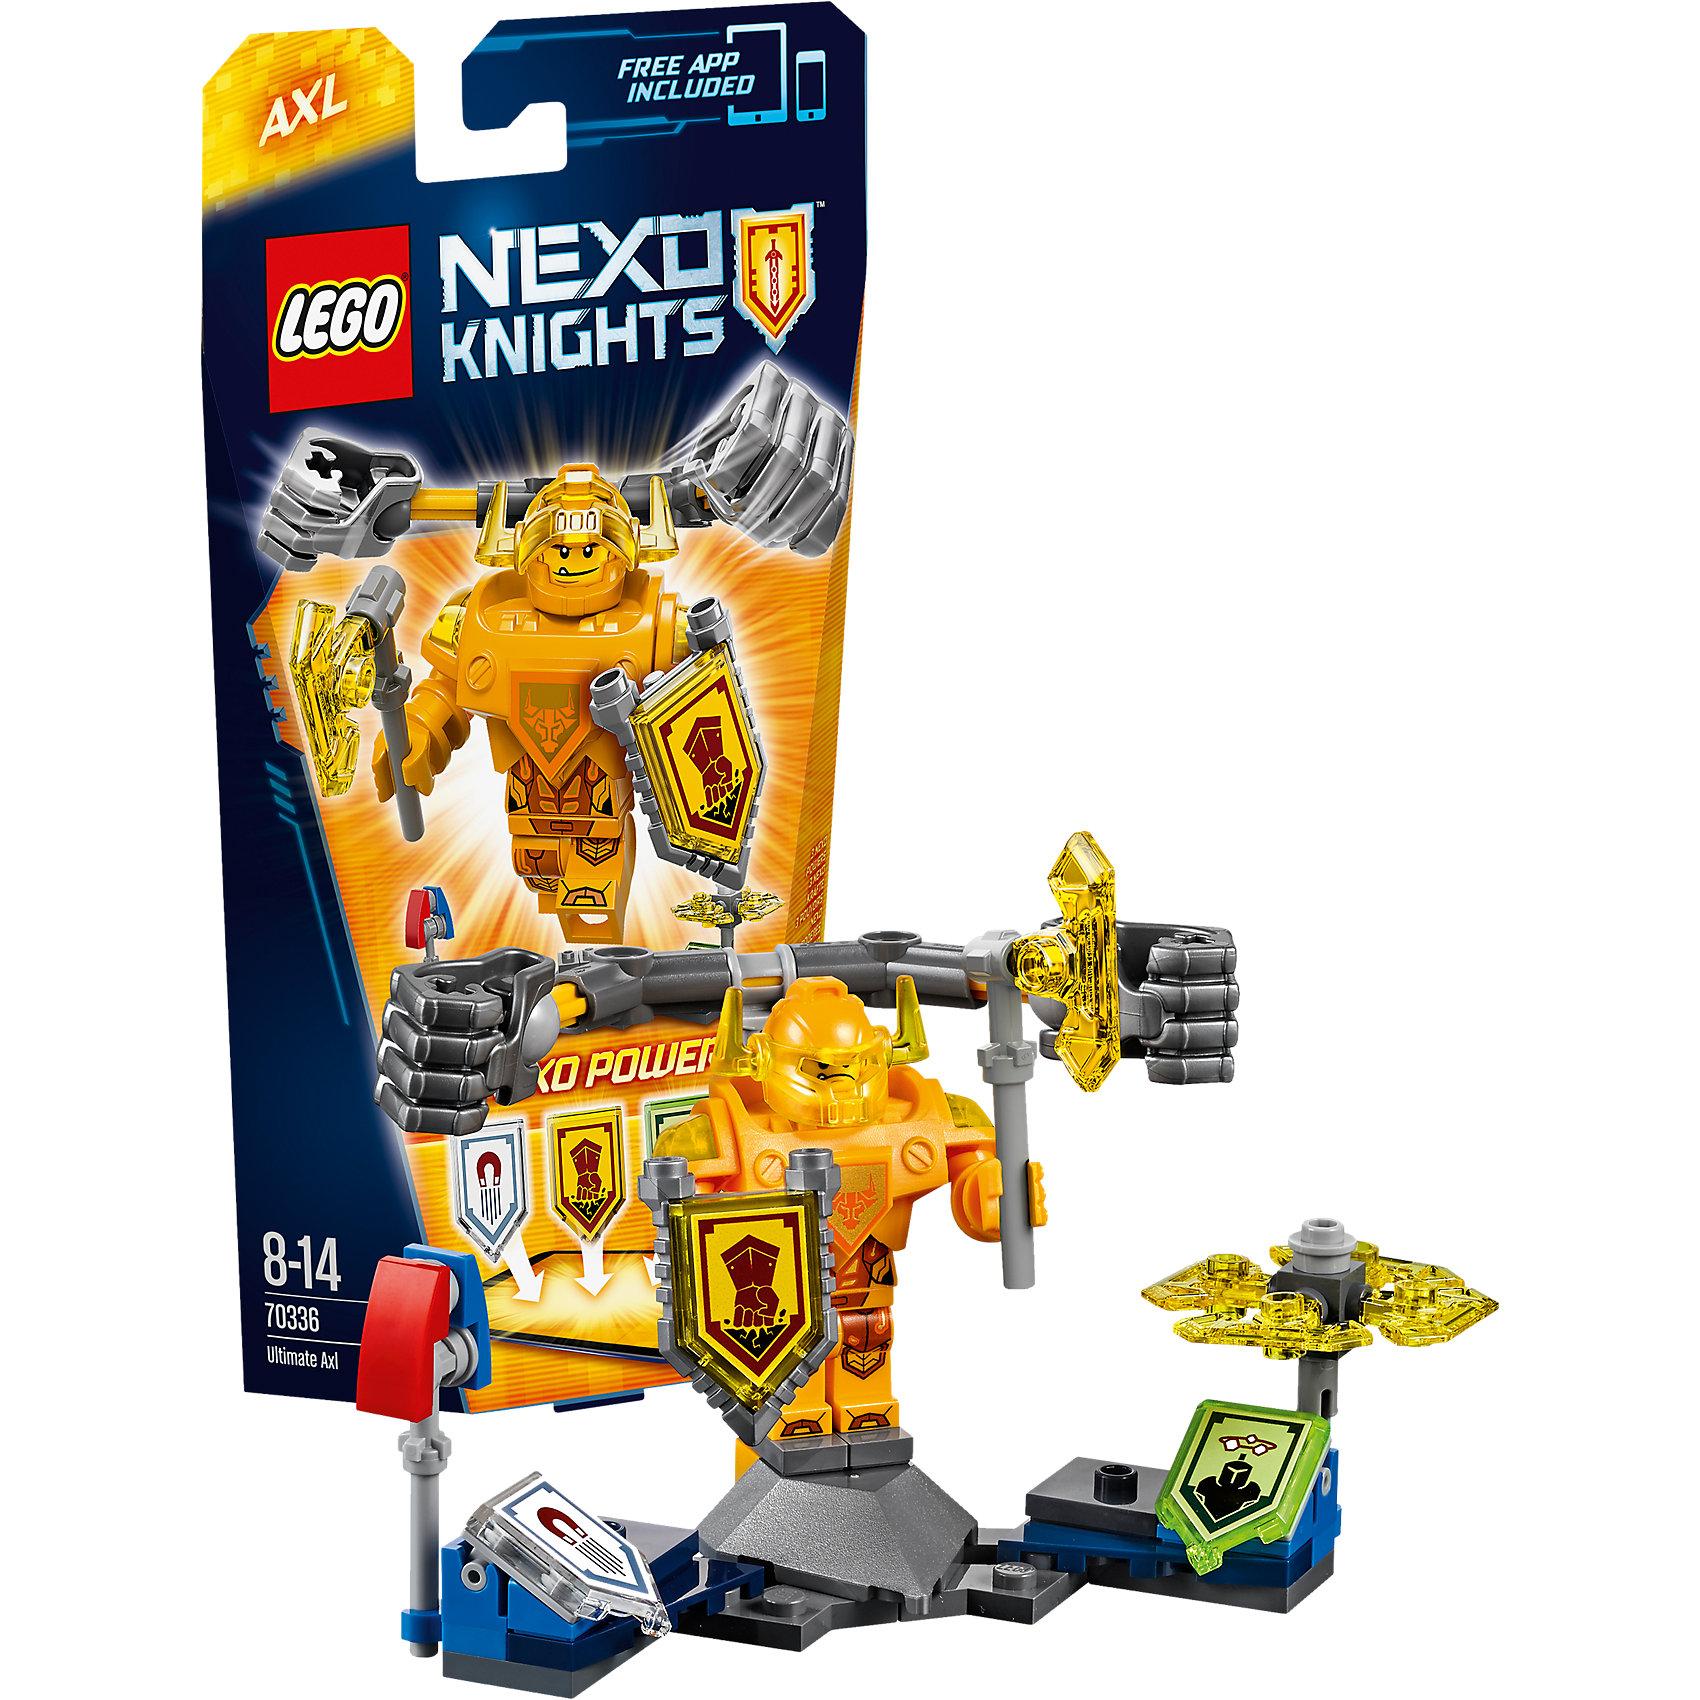 LEGO NEXO KNIGHTS 70336: Аксель- Абсолютная силаПластмассовые конструкторы<br>Аксель - Абсолютная сила всегда голоден, но теперь тяжеловесный рыцарь ещё и горит желанием добраться до Джестро и Лава-монстров. Для начала гигантскими кулаками проложи себе путь в самую гущу сражения! Нанеси врагам максимальный ущерб намагниченной булавой или порази их вращающимися лезвиями! <br><br>LEGO Nexo Knights ( ЛЕГО Нексо Найт) - это невероятный мир прогресса и новых технологий, в котором все же нашлось место для настоящих рыцарей, магии и волшебства. Удивительное сочетание футуризма и средневековой романтики увлекает и детей, и взрослых, а множество наборов серии и высокая детализация позволяют создать свой волшебный мир Nexo Knights!<br><br>Дополнительная информация:<br><br>- Конструкторы ЛЕГО развивают усидчивость, внимание, фантазию и мелкую моторику. <br>- Количество деталей: 69. <br>- 1 минифигурка, постамент, аксессуары. <br>- Серия ЛЕГО Нексо Найт (LEGO Nexo Knights).<br>- Материал: пластик.<br>- Размер упаковки: 24х5х14 см.<br>- Вес: 0.095 кг.<br><br>Конструктор LEGO Nexo Knights 70336: Аксель- Абсолютная сила можно купить в нашем магазине.<br><br>Ширина мм: 333<br>Глубина мм: 141<br>Высота мм: 51<br>Вес г: 96<br>Возраст от месяцев: 96<br>Возраст до месяцев: 168<br>Пол: Мужской<br>Возраст: Детский<br>SKU: 4641200